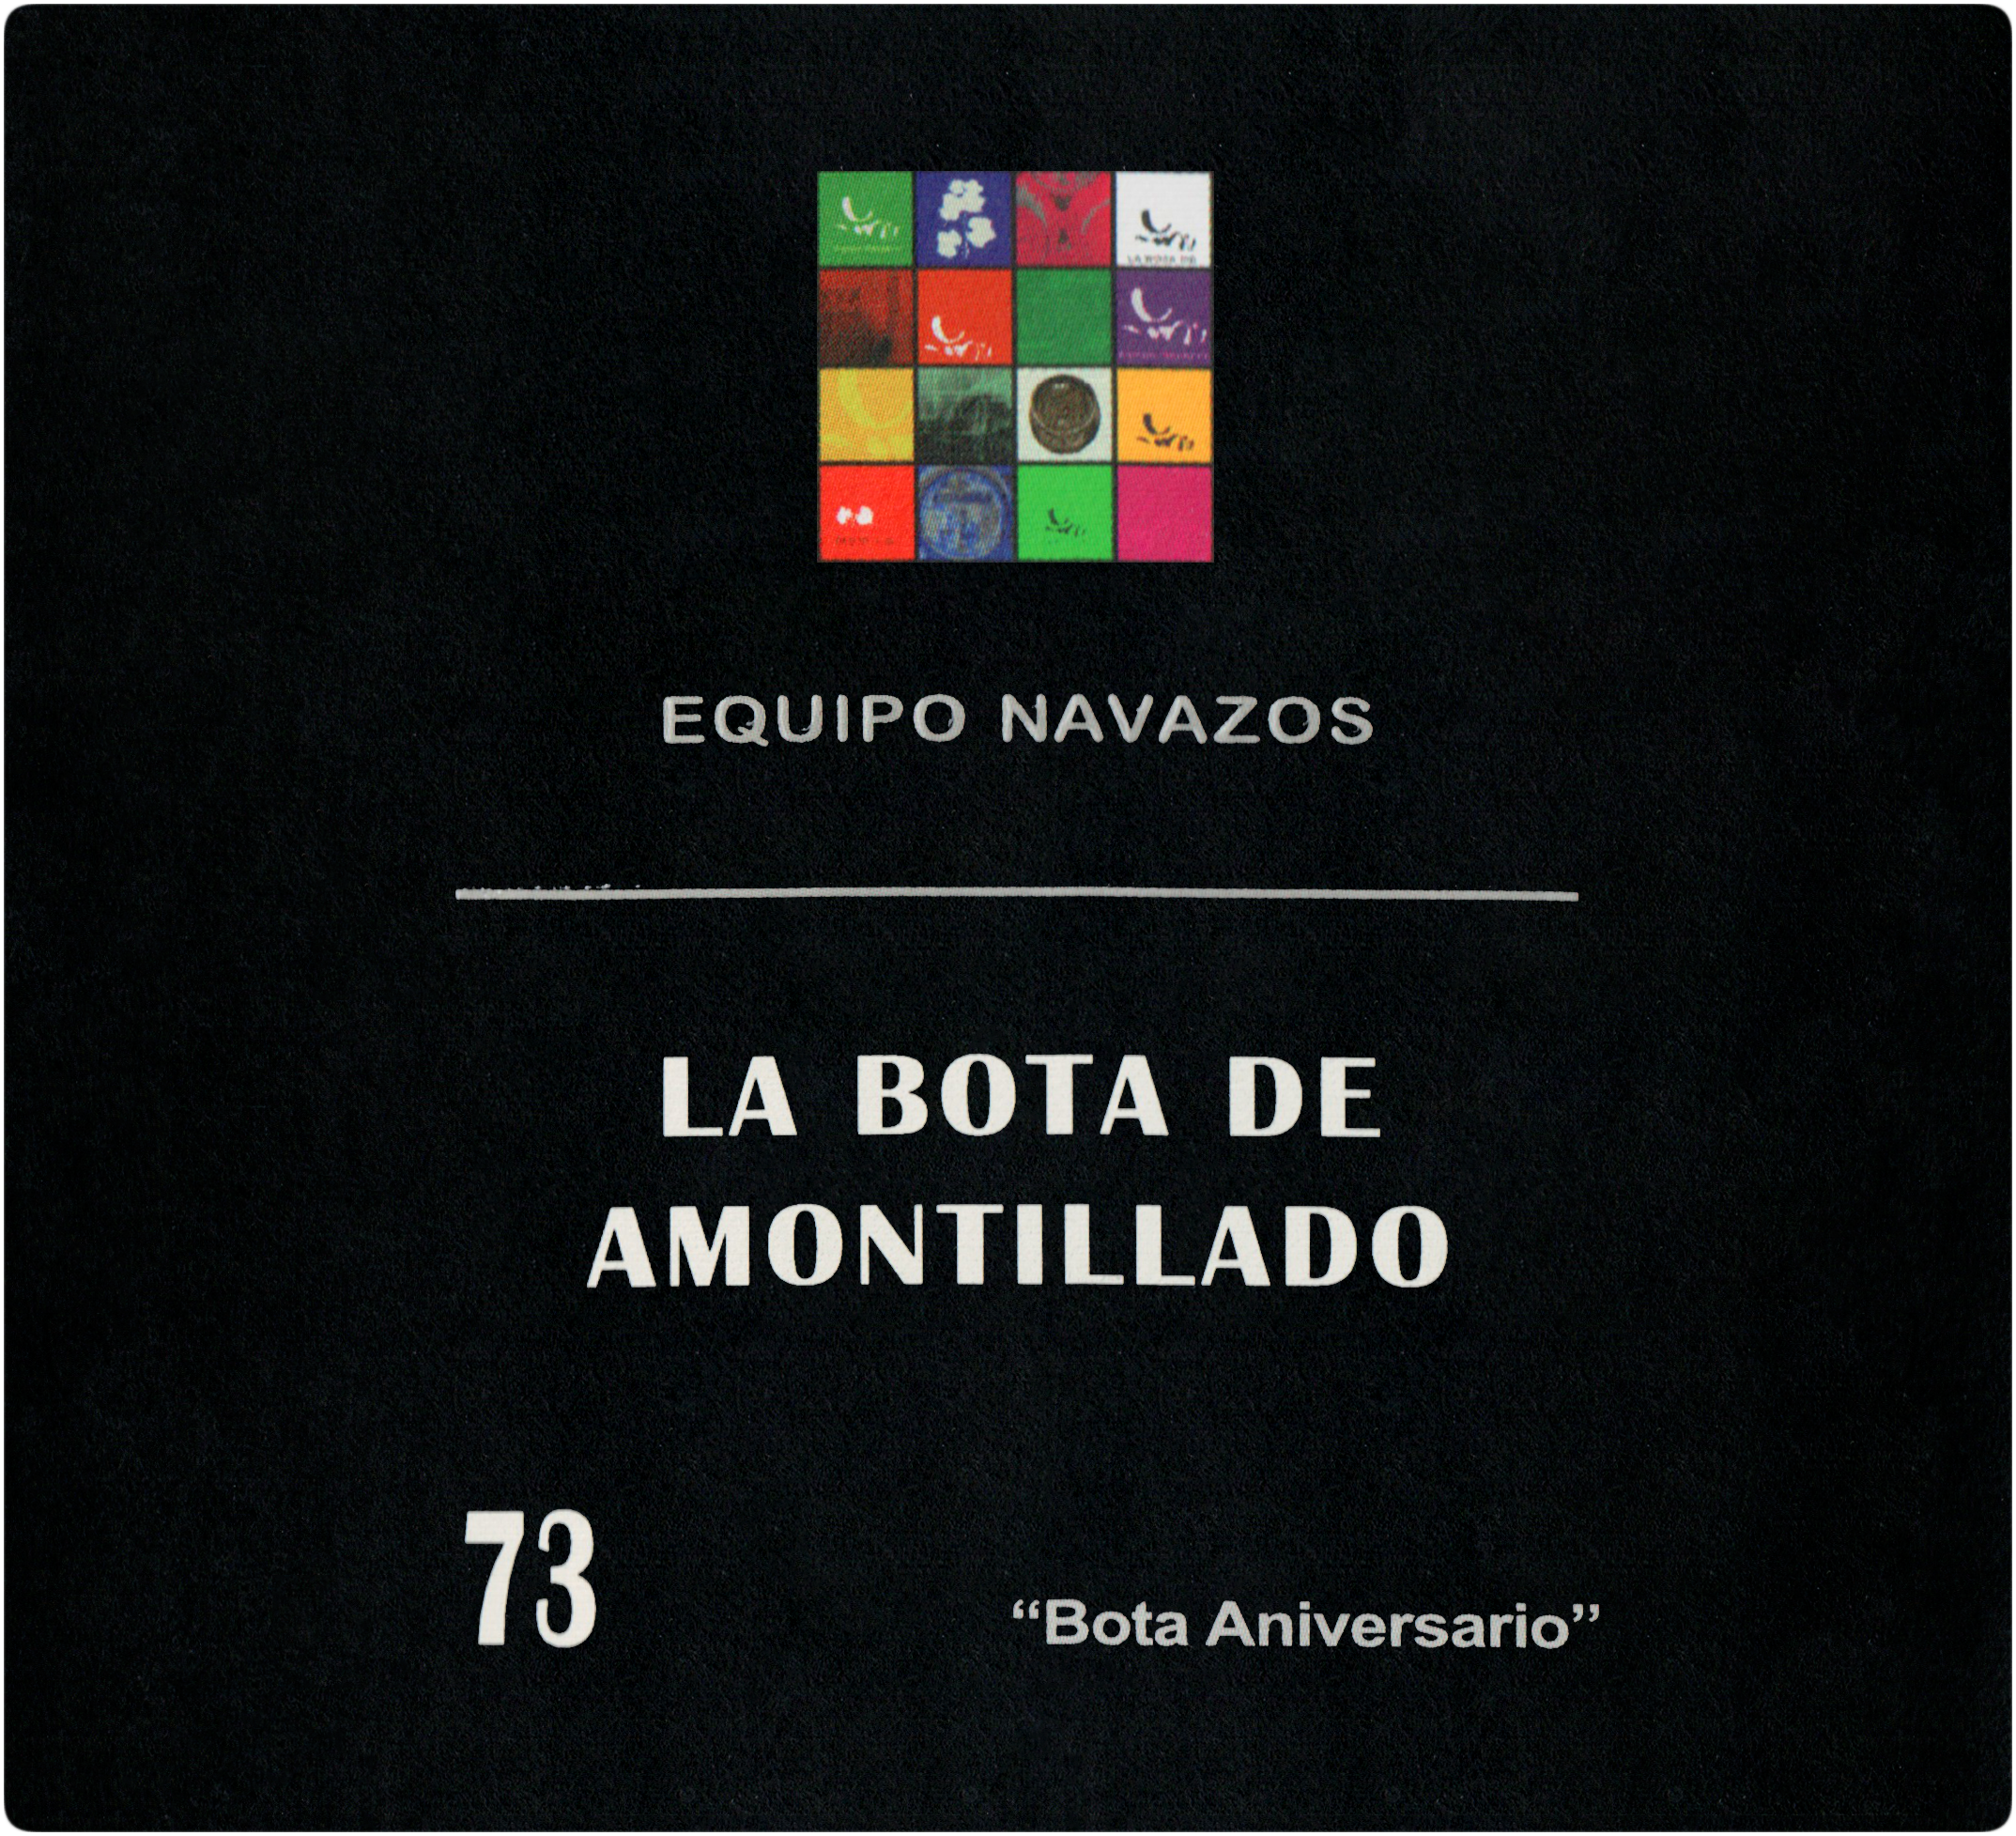 Equipo Navazos La Bota De Amontillado Viejisimo #73